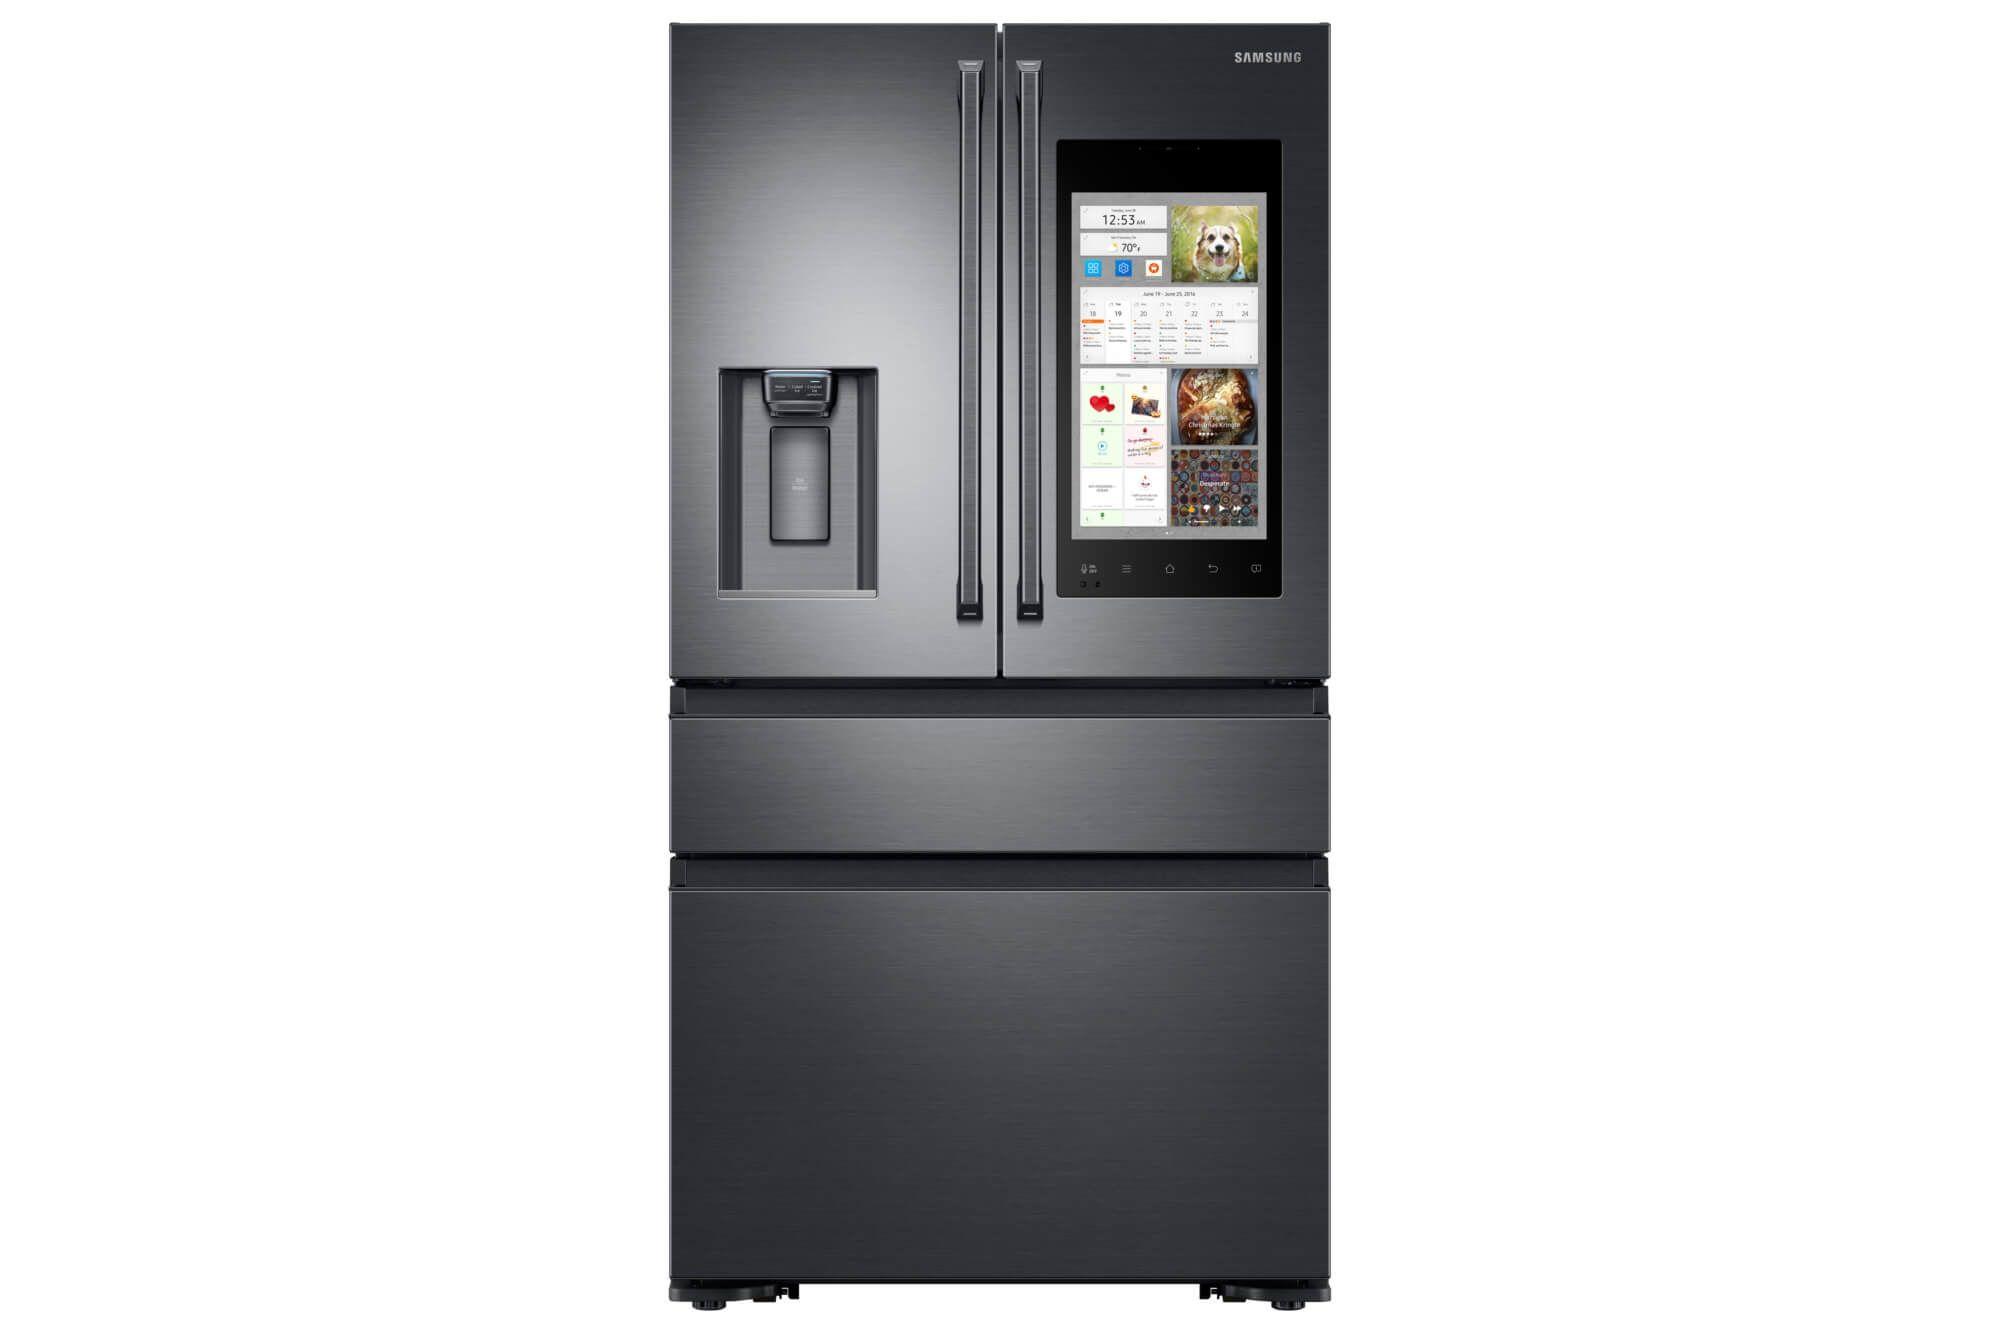 Family Hub 2.0 - der smarte Kühlschrank von Samsung. Ist das die Zukunft